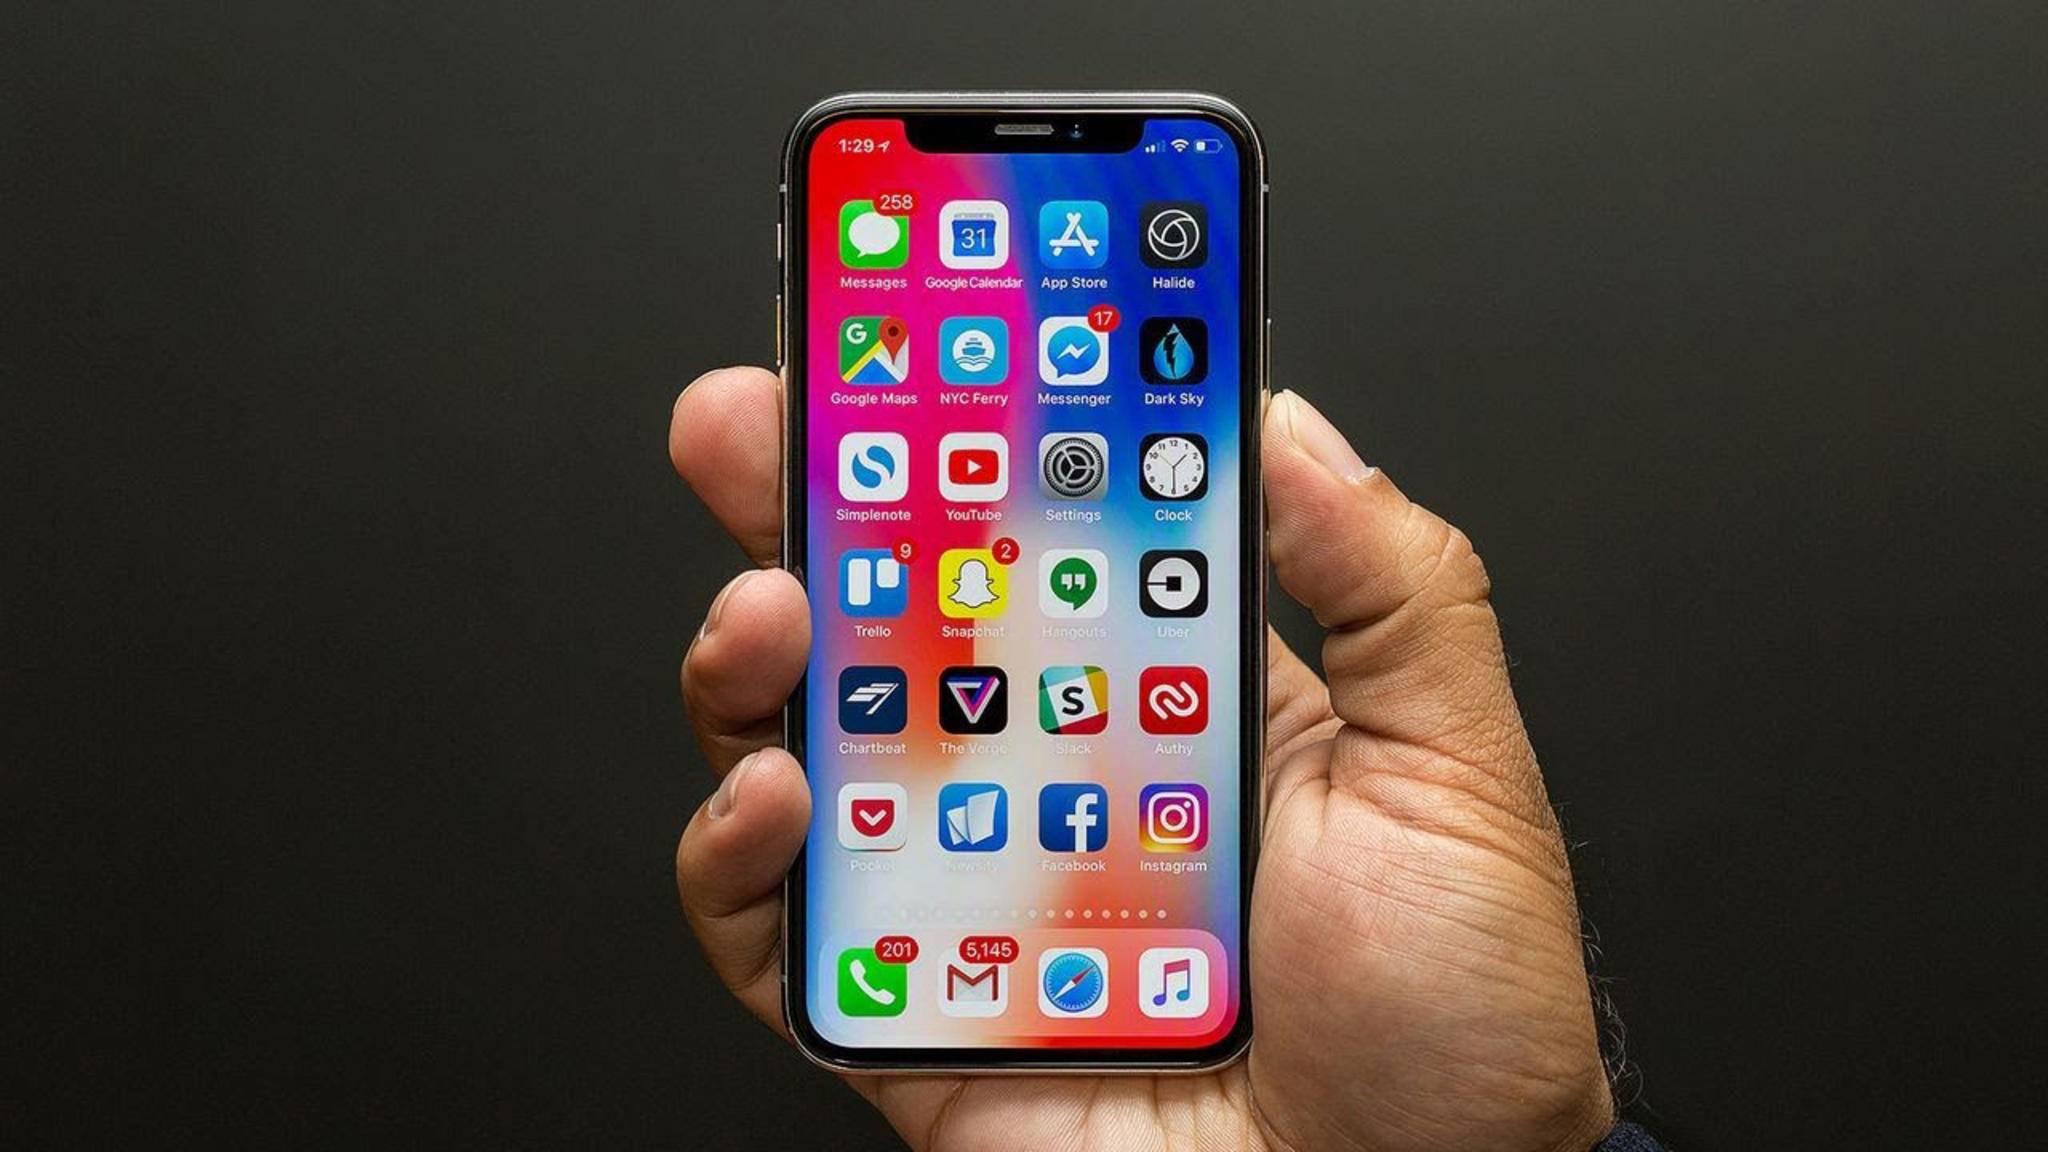 Ab dem 3. November wird das iPhone X verkauft, doch ein Glücklicher konnte sich sein Exemplar schon vorab sichern.